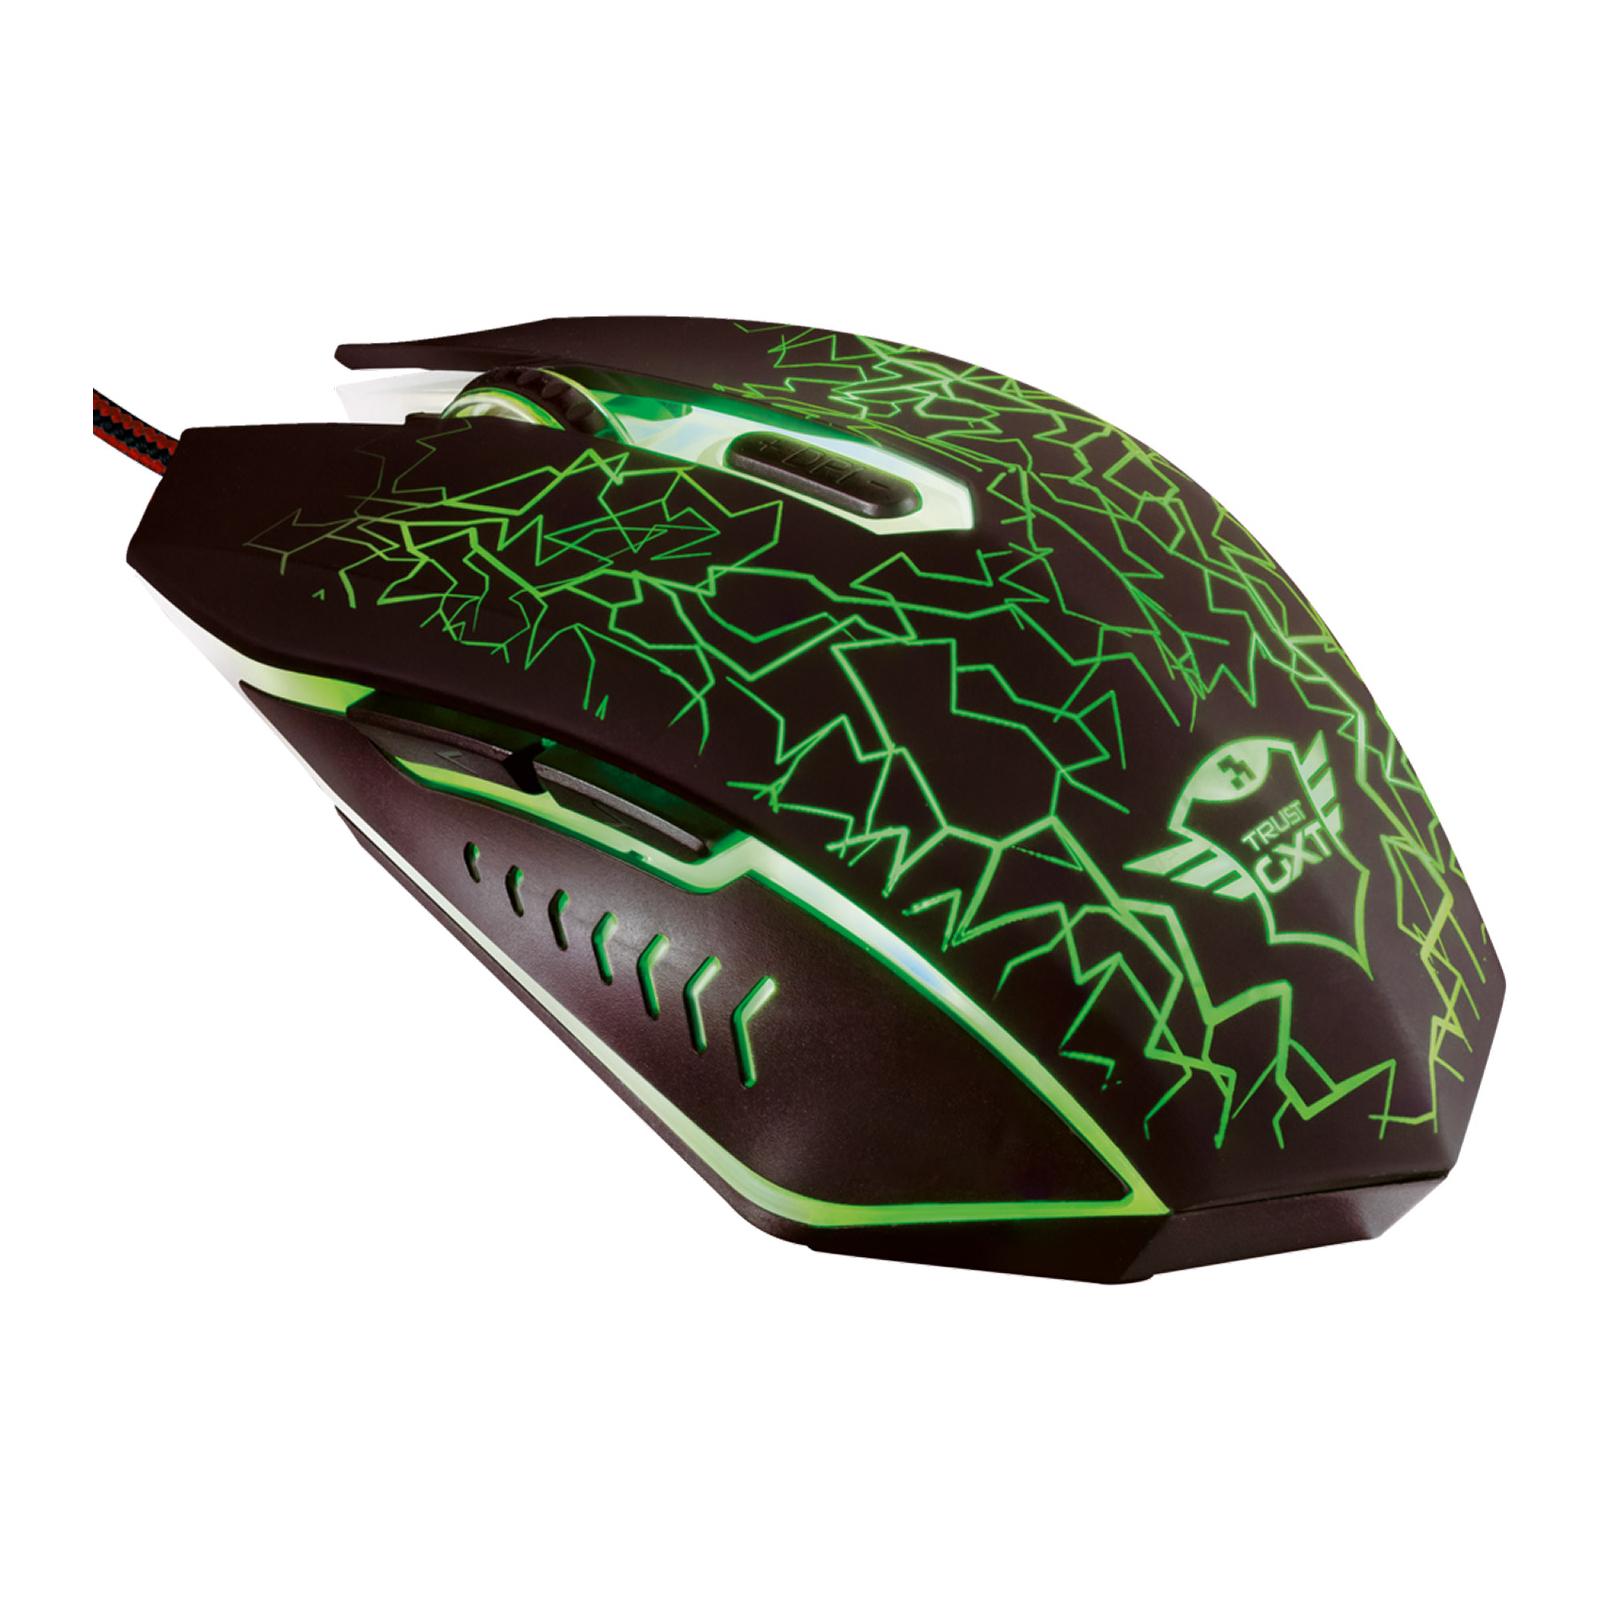 Мышка Trust GXT 105 Gaming Mouse (21683) изображение 6